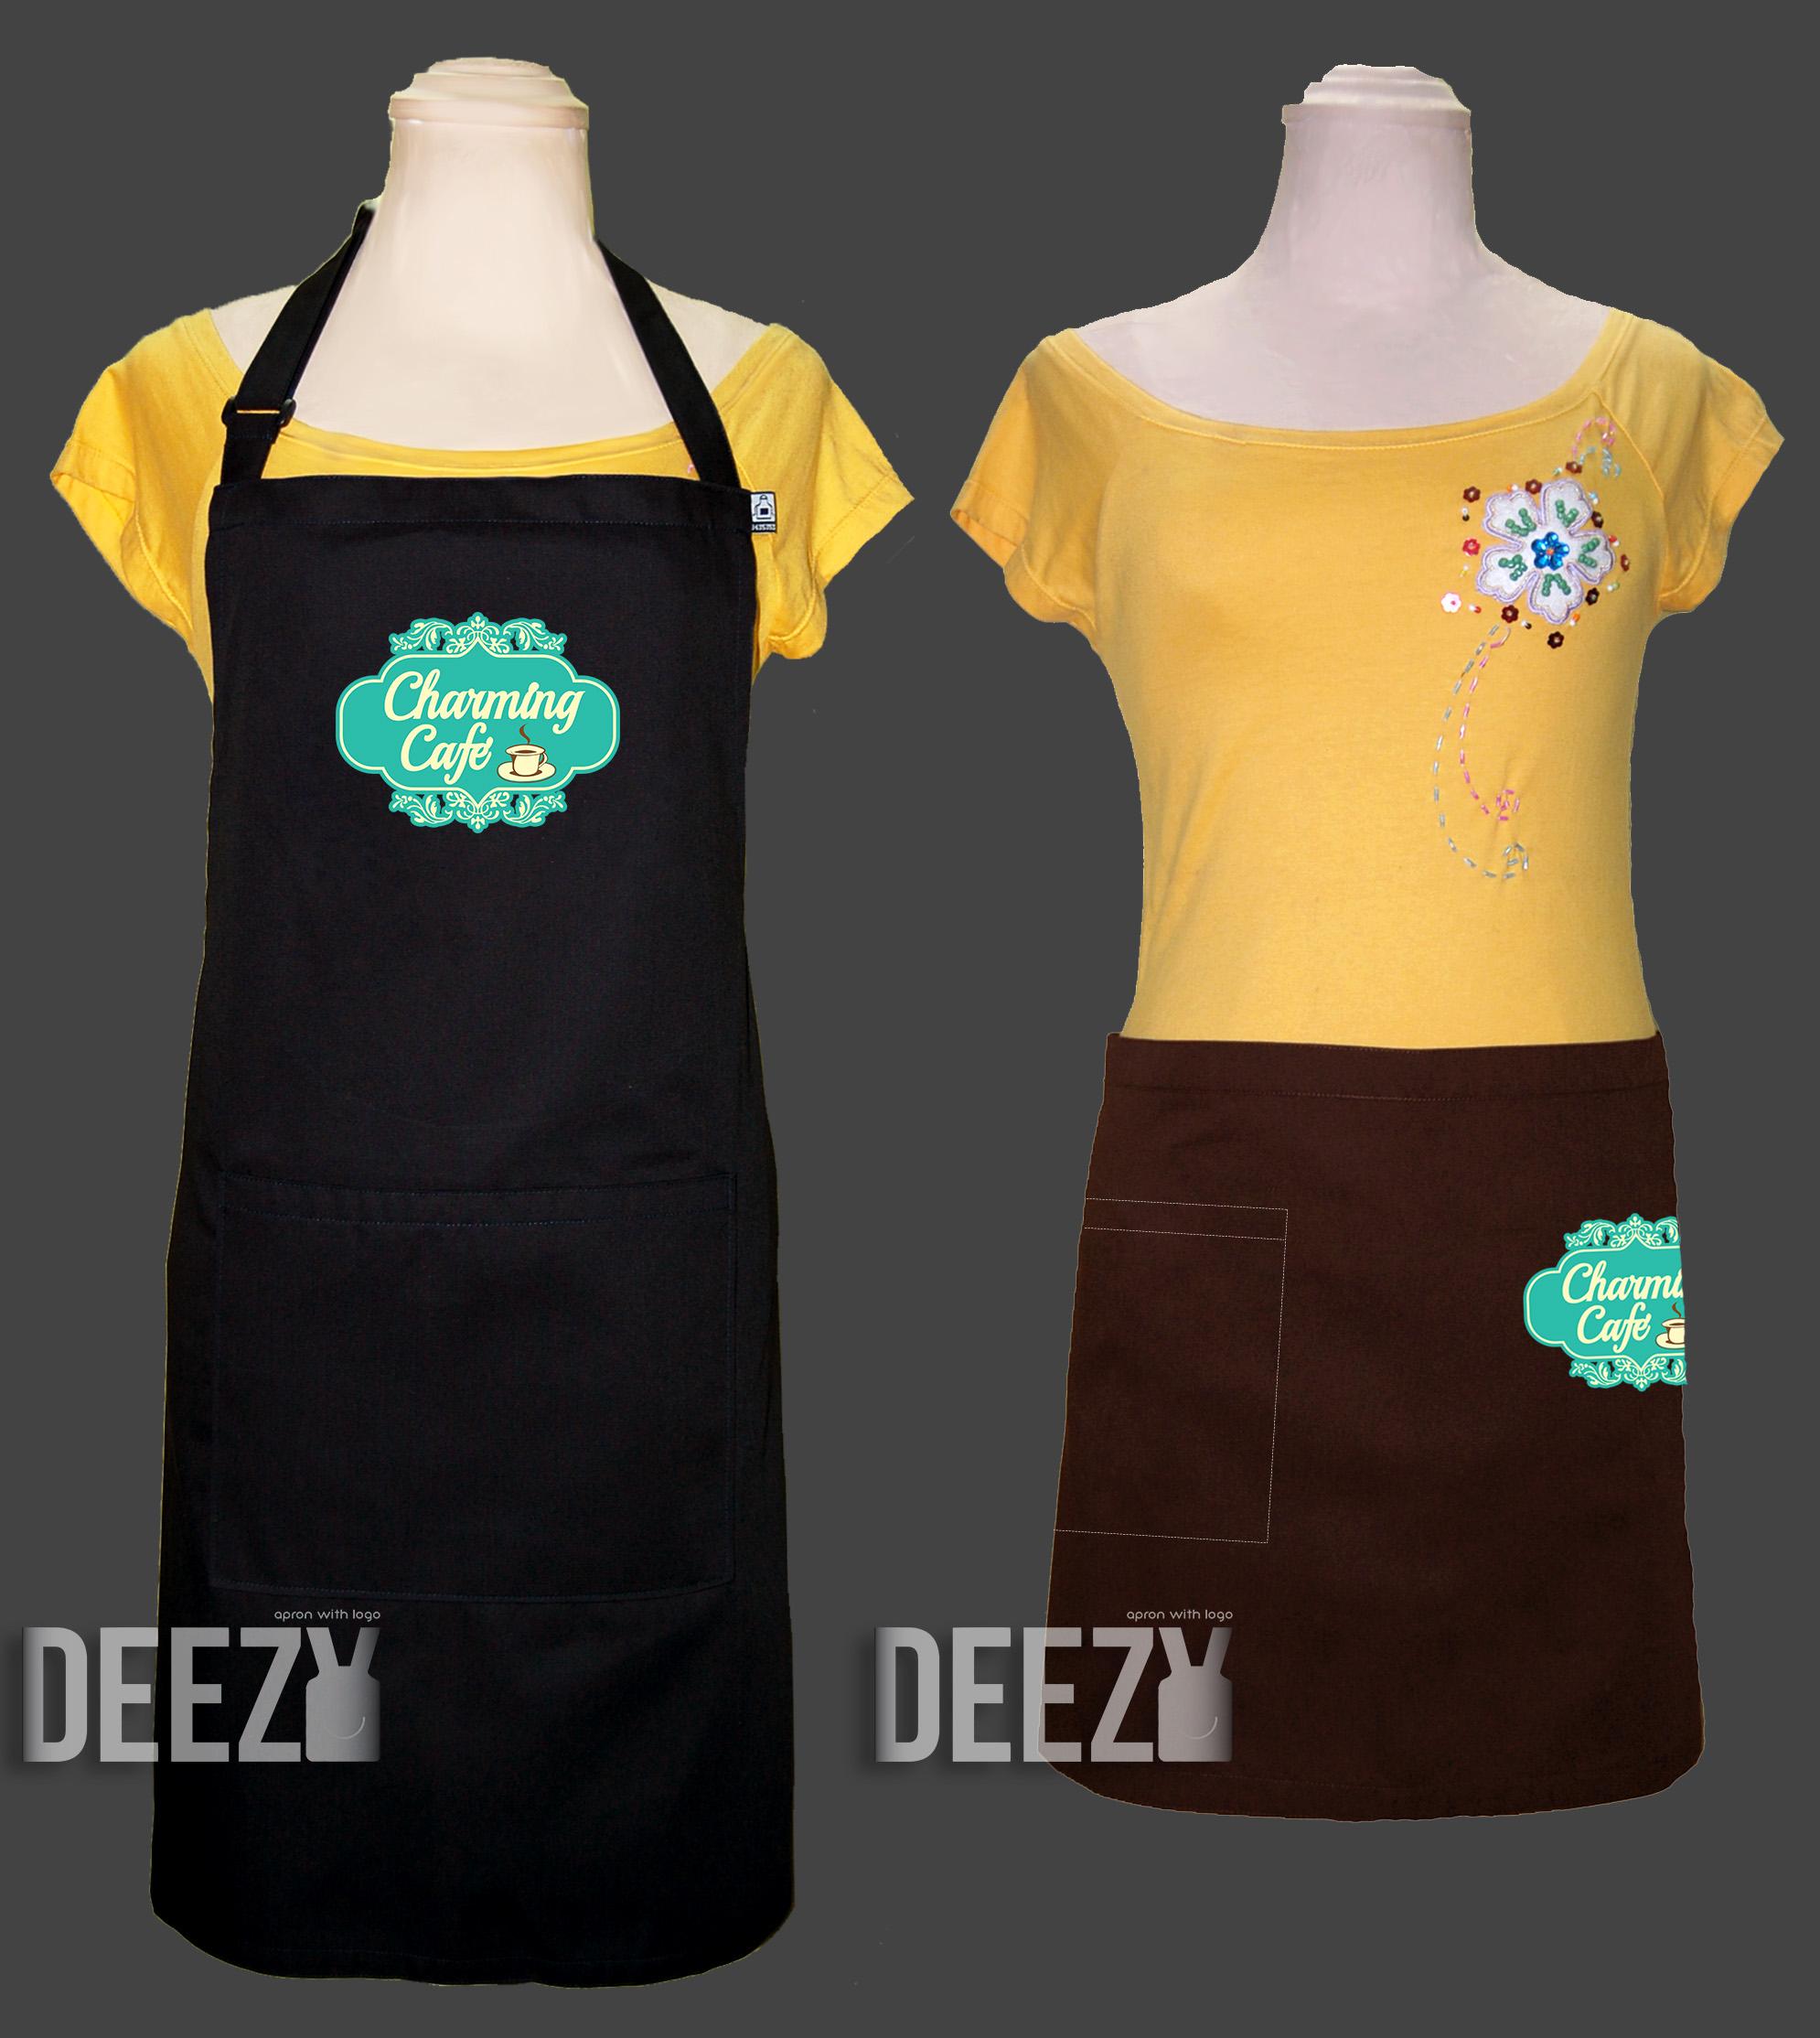 ตัวอย่างเสื้อกันเปื้อนปักโลโก้3